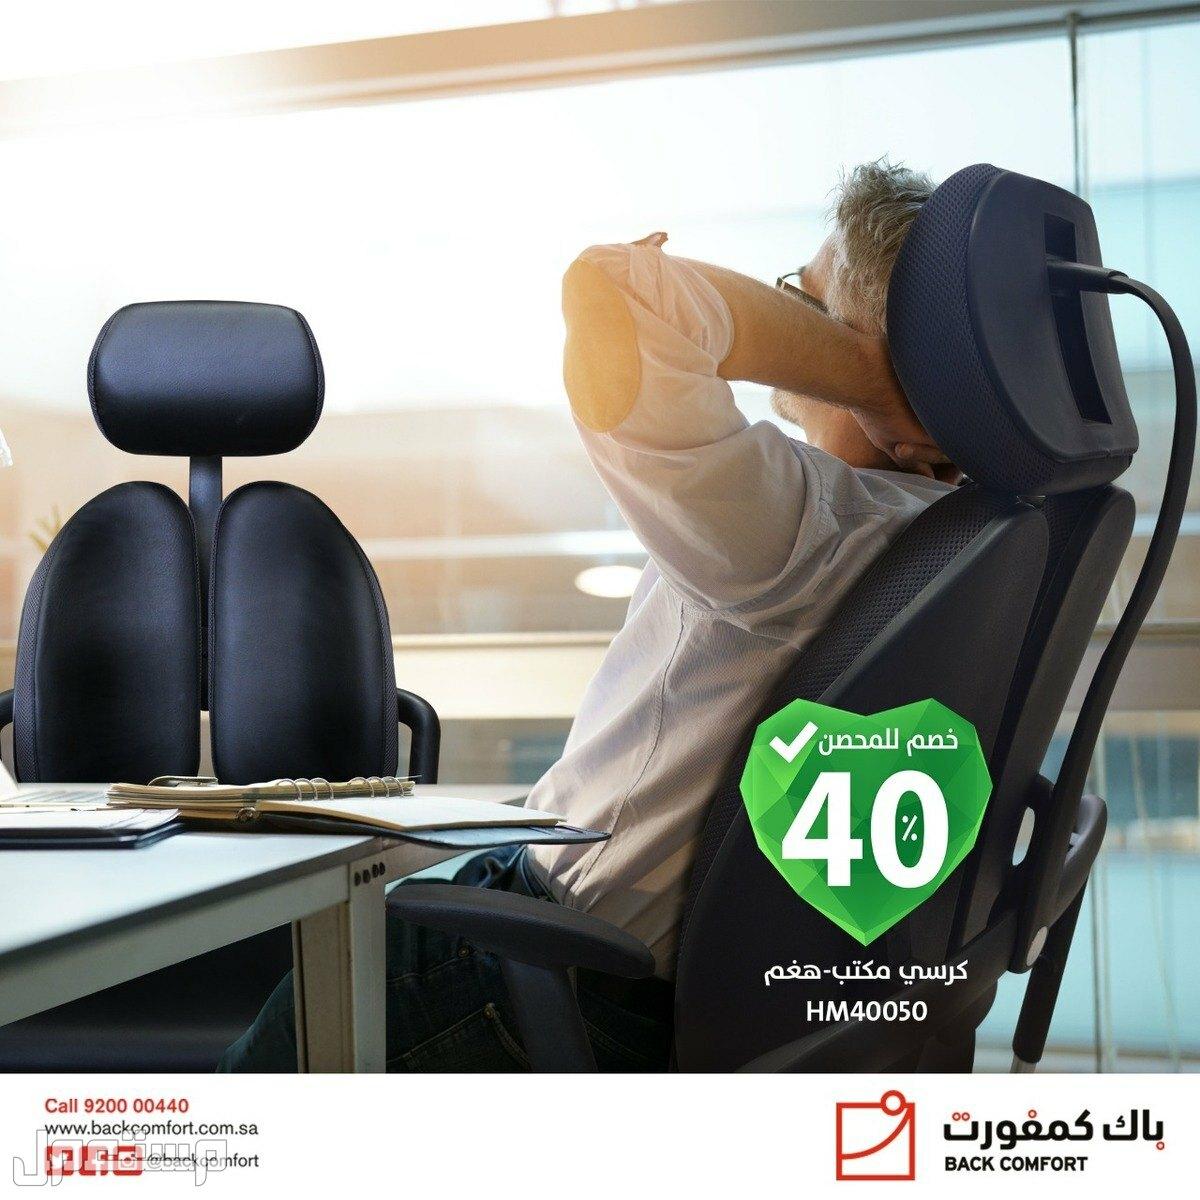 كرسي مكتب-هغم من باك كمفورت